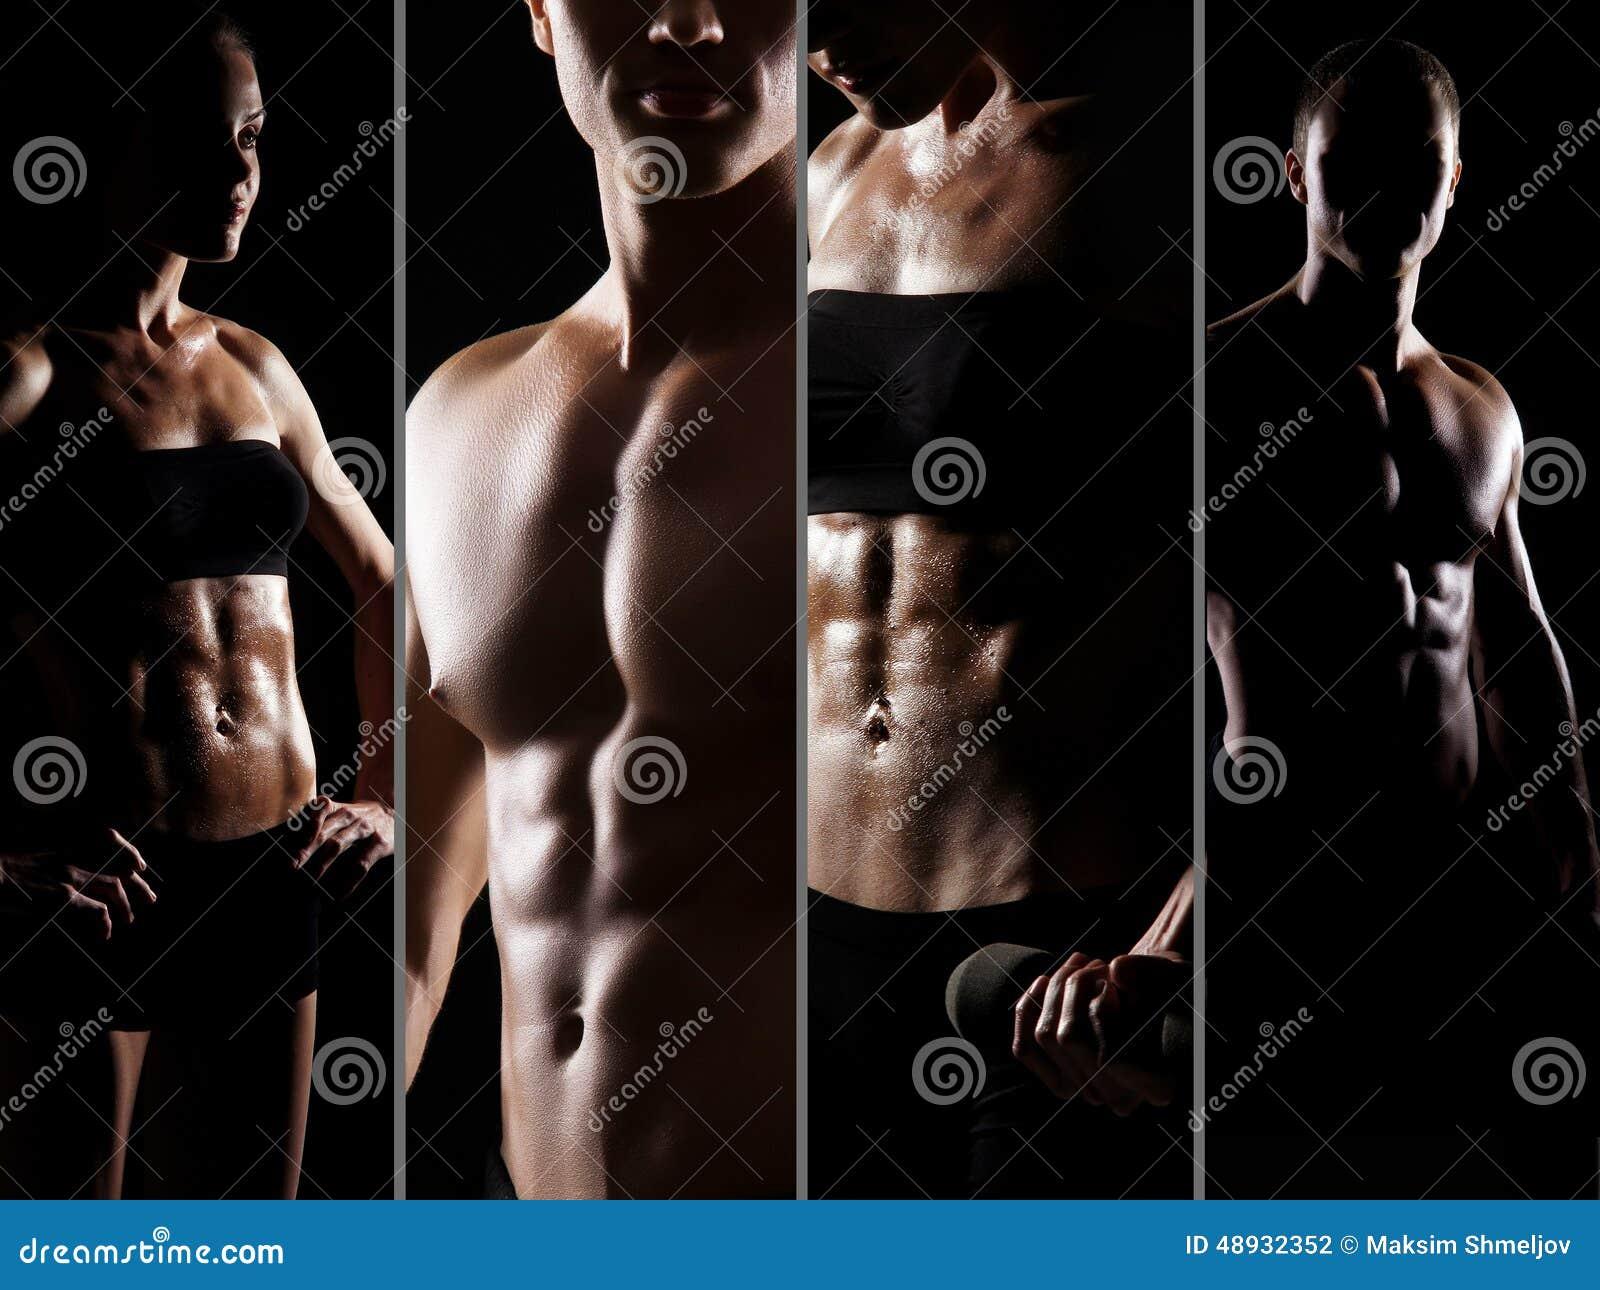 Colagem do ajuste e de corpos masculinos e fêmeas  sexy